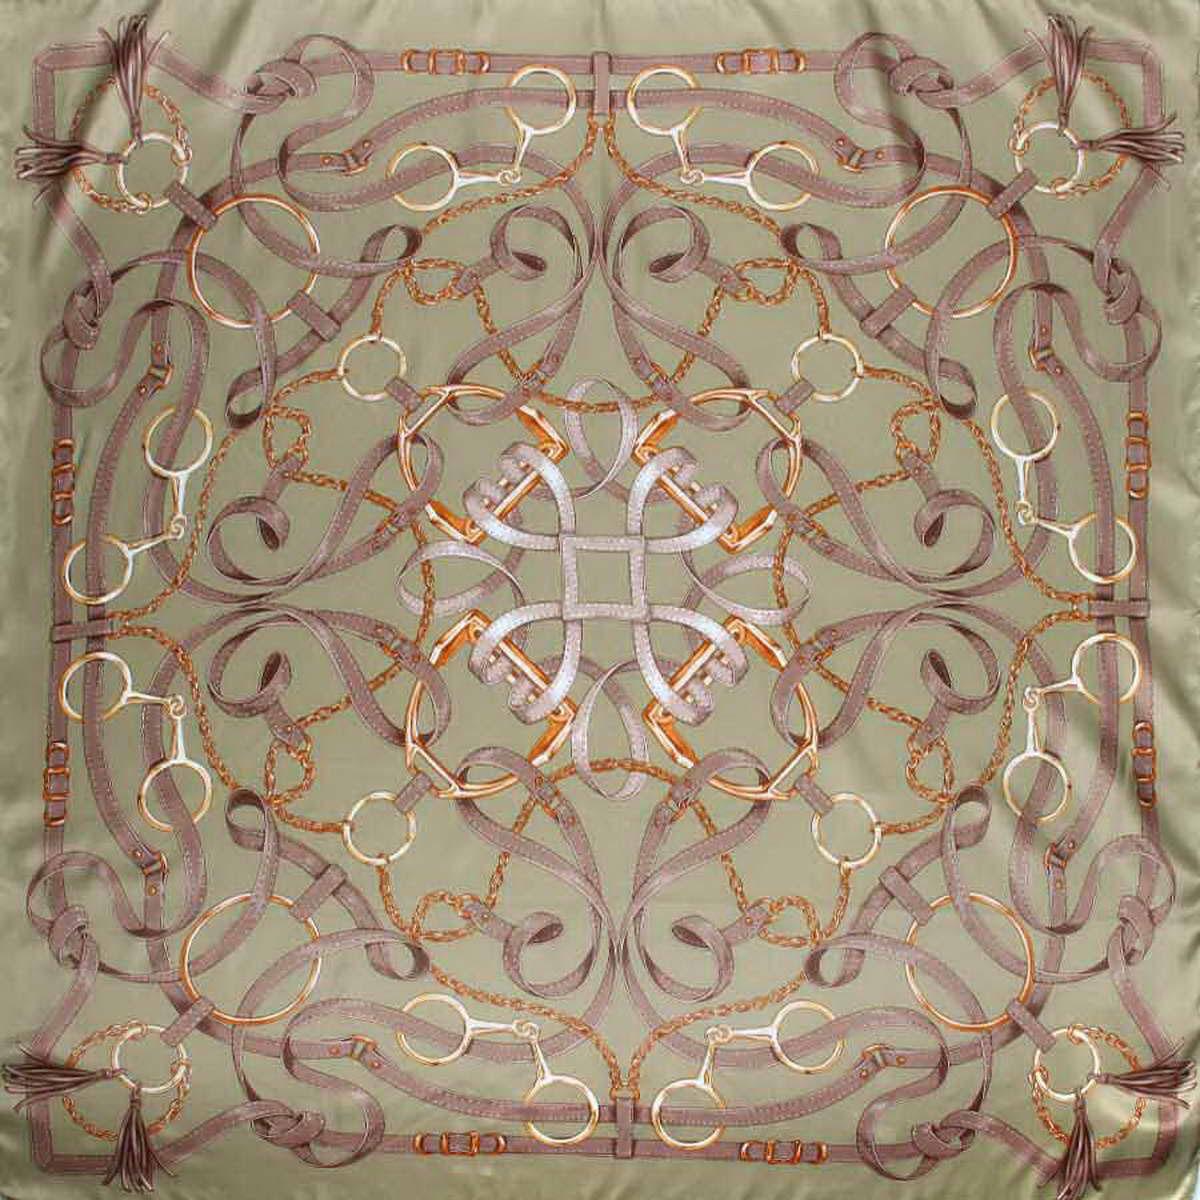 Платок3904972-20Стильный женский платок Venera станет великолепным завершением любого наряда. Платок, изготовленный из полиэстера, оформлен оригинальным принтом с изображением цепей, ремешков и колец. Классическая квадратная форма позволяет носить платок на шее, украшать им прическу или декорировать сумочку. Легкий и приятный на ощупь платок поможет вам создать изысканный женственный образ. Такой платок превосходно дополнит любой наряд и подчеркнет ваш неповторимый вкус и элегантность.